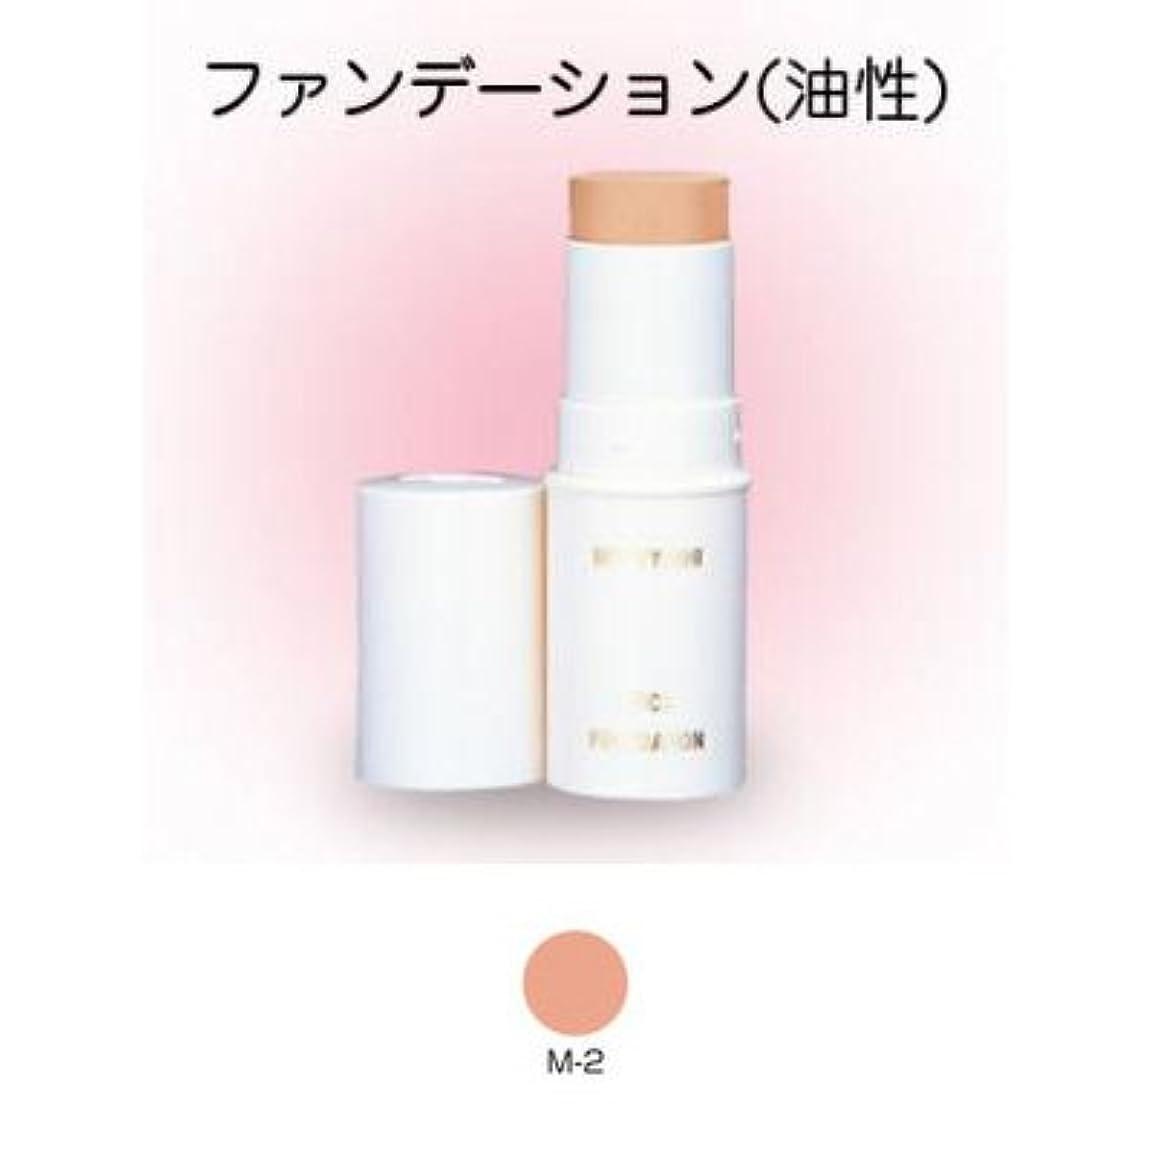 新年スラム乱すスティックファンデーション 16g M-2 【三善】